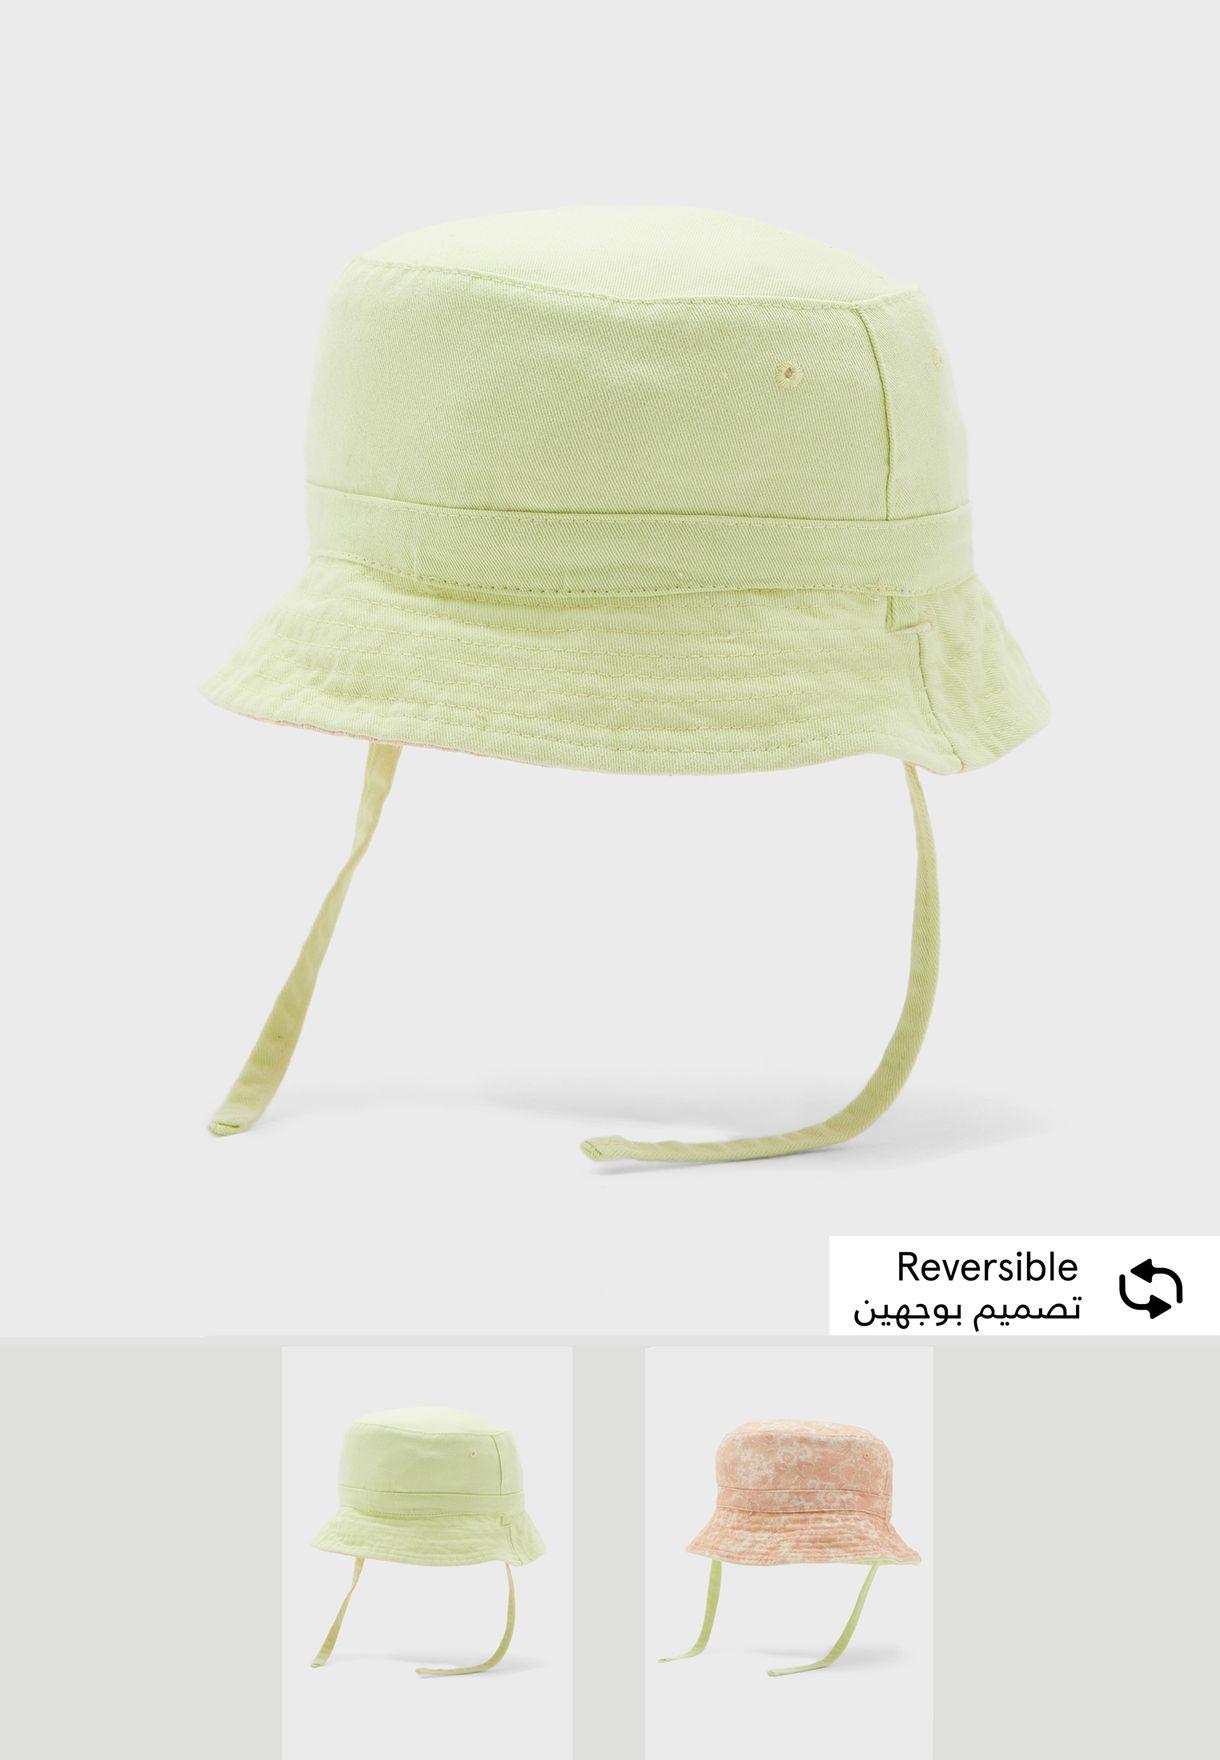 قبعة للاطفال تلبس على الوجهين